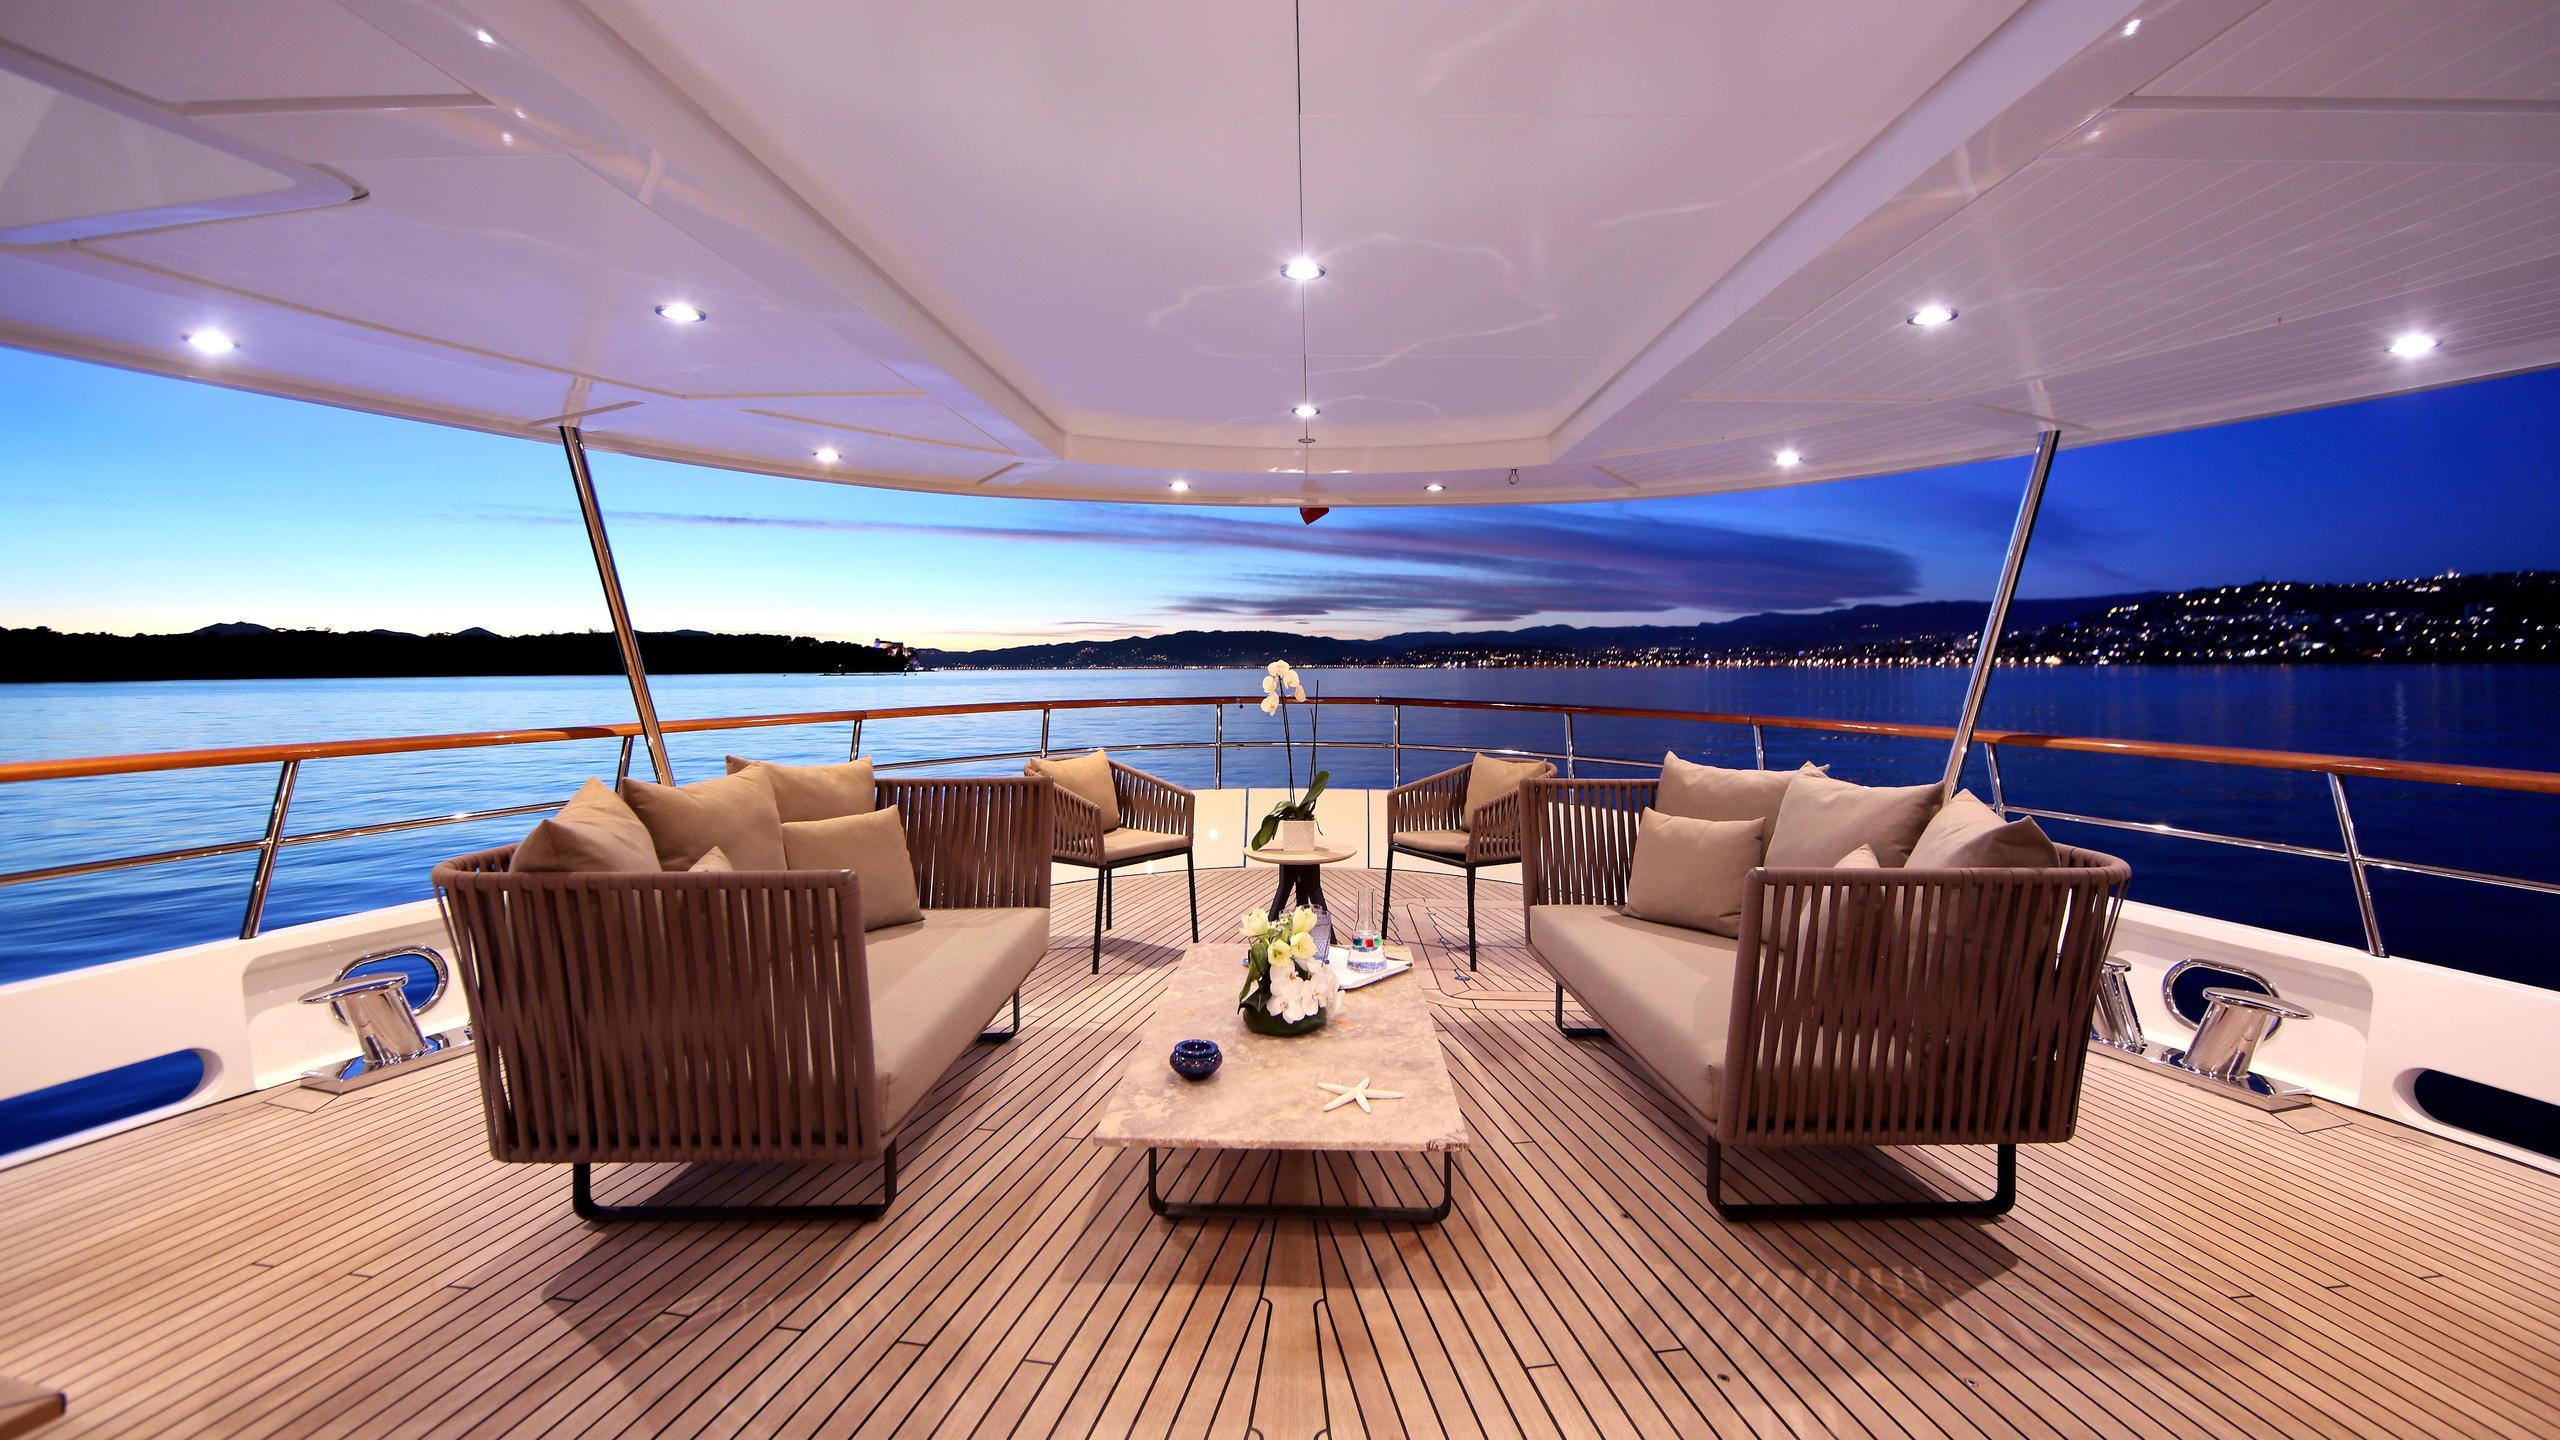 robbie-bobby-heliad-ii-motor-yacht-lynx-2013-33m-covered-deck